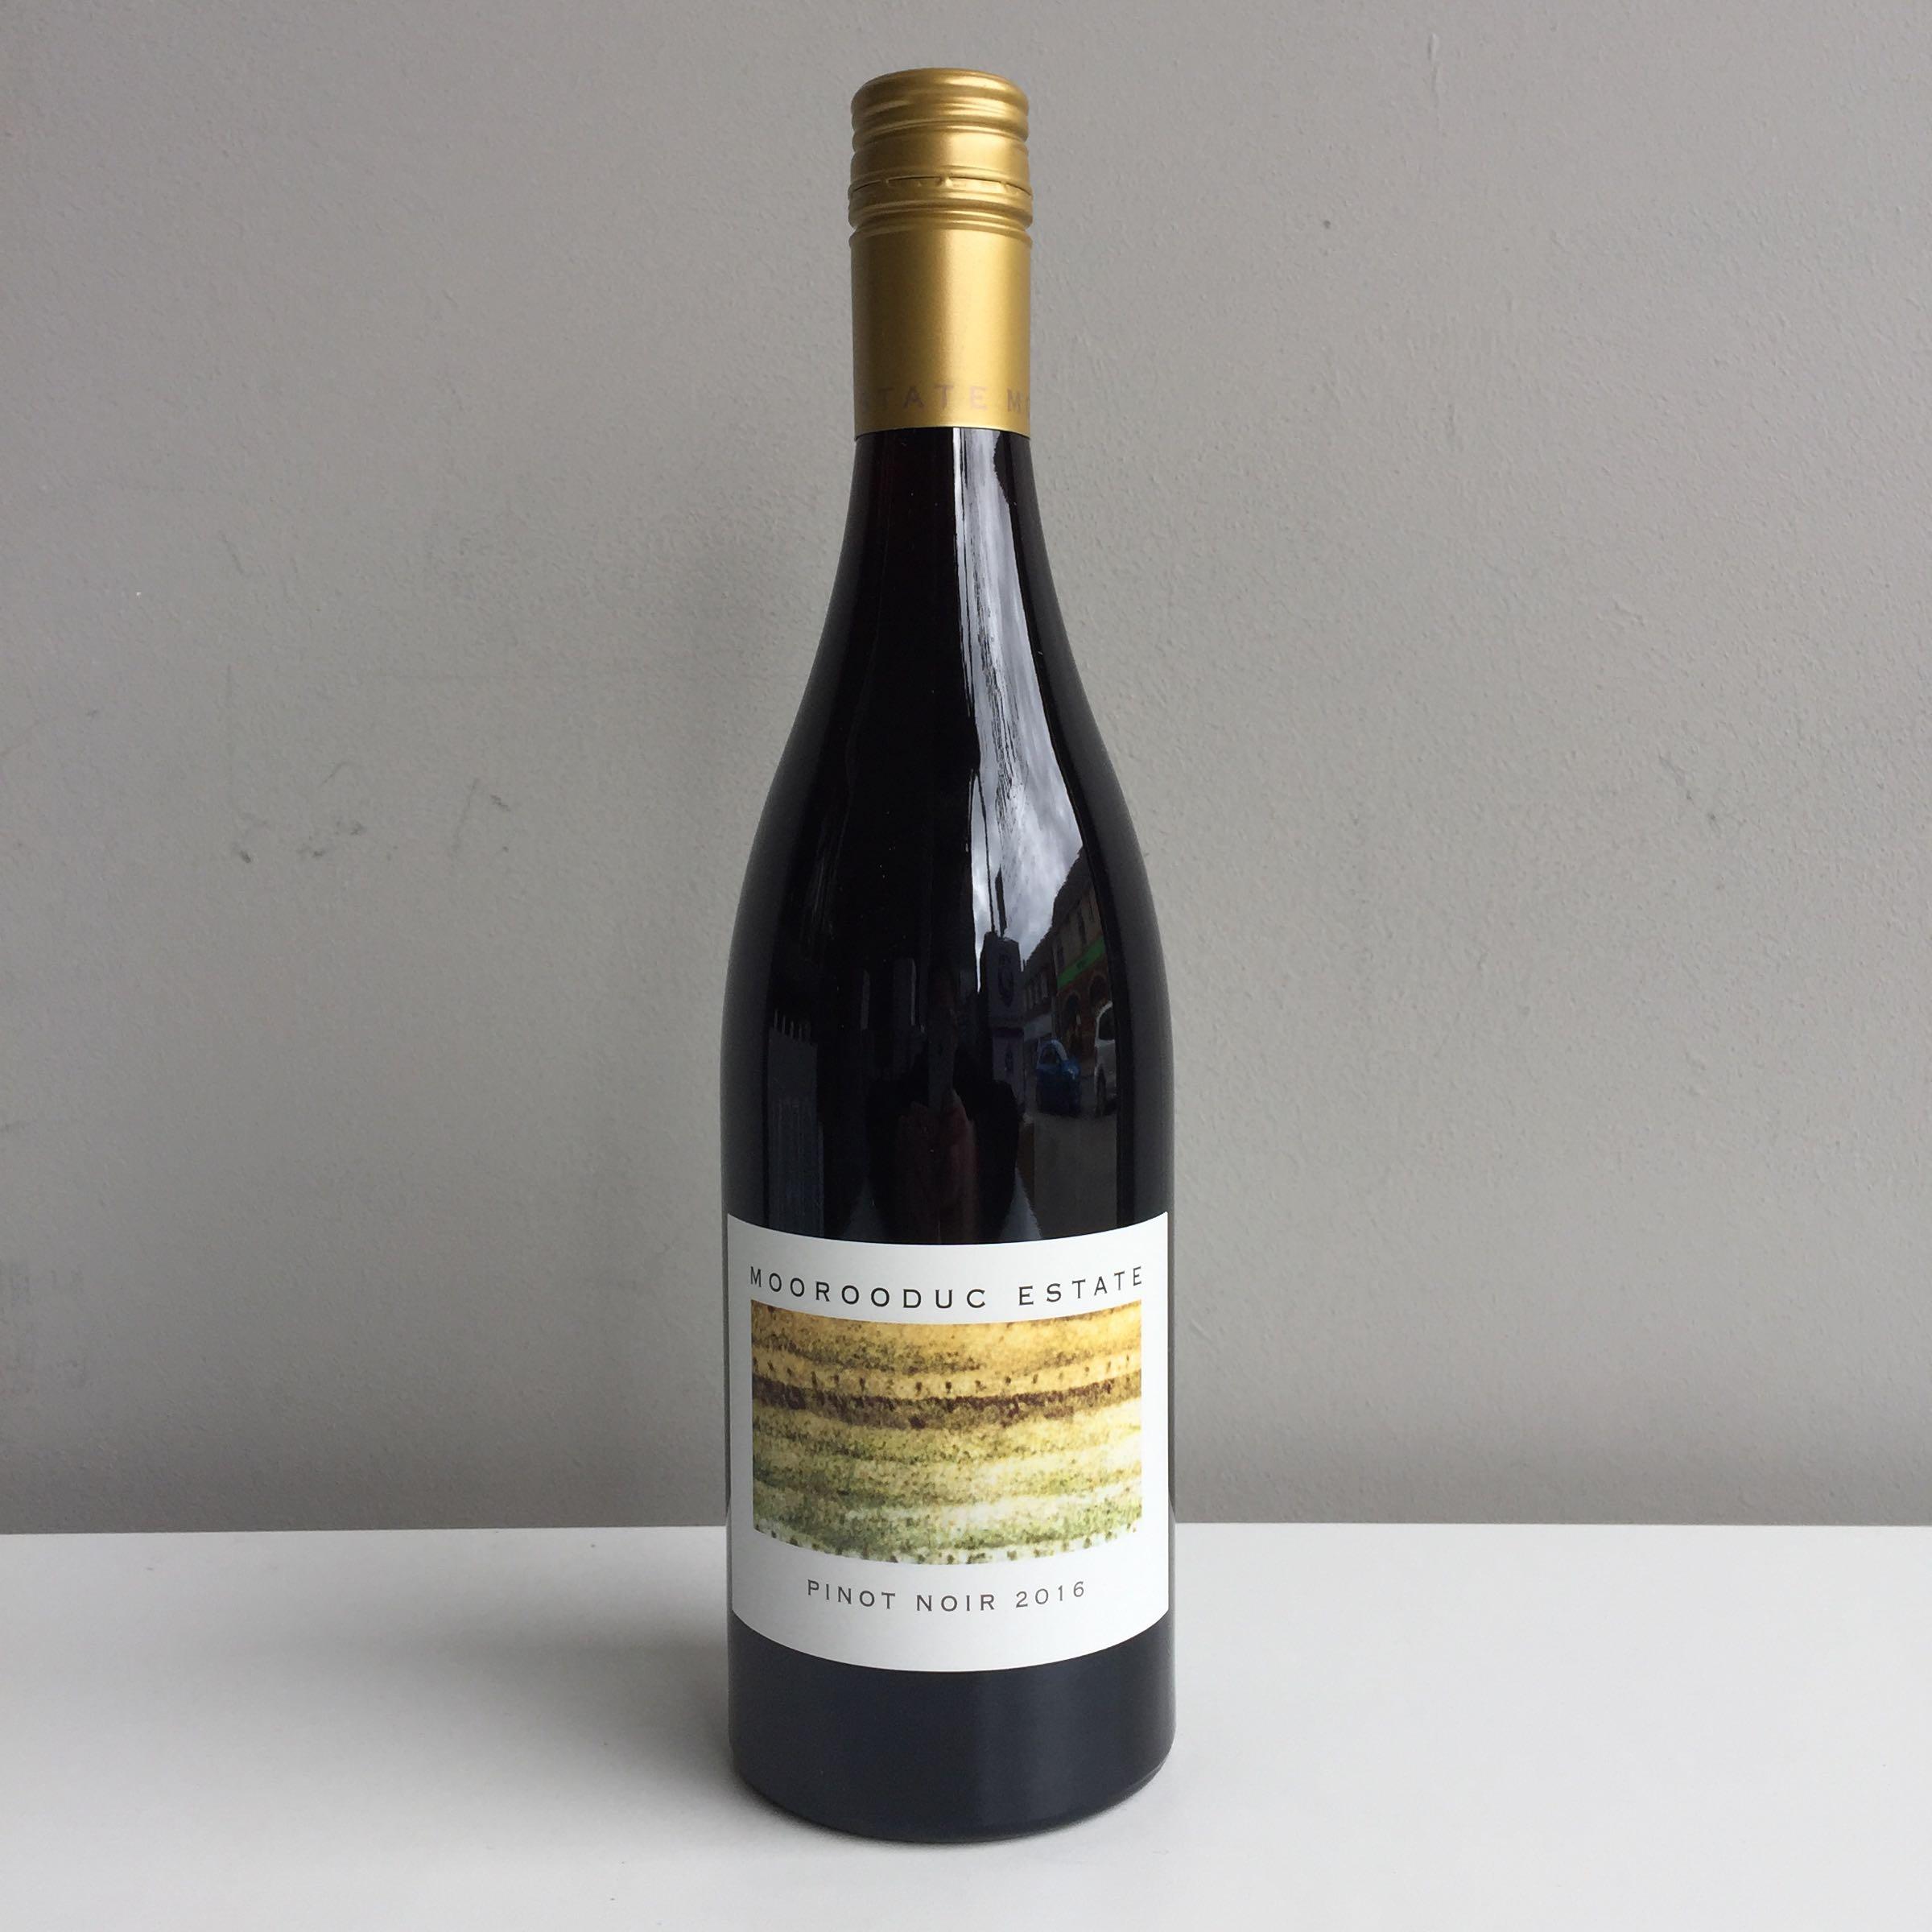 Moorooduc Pinot Noir